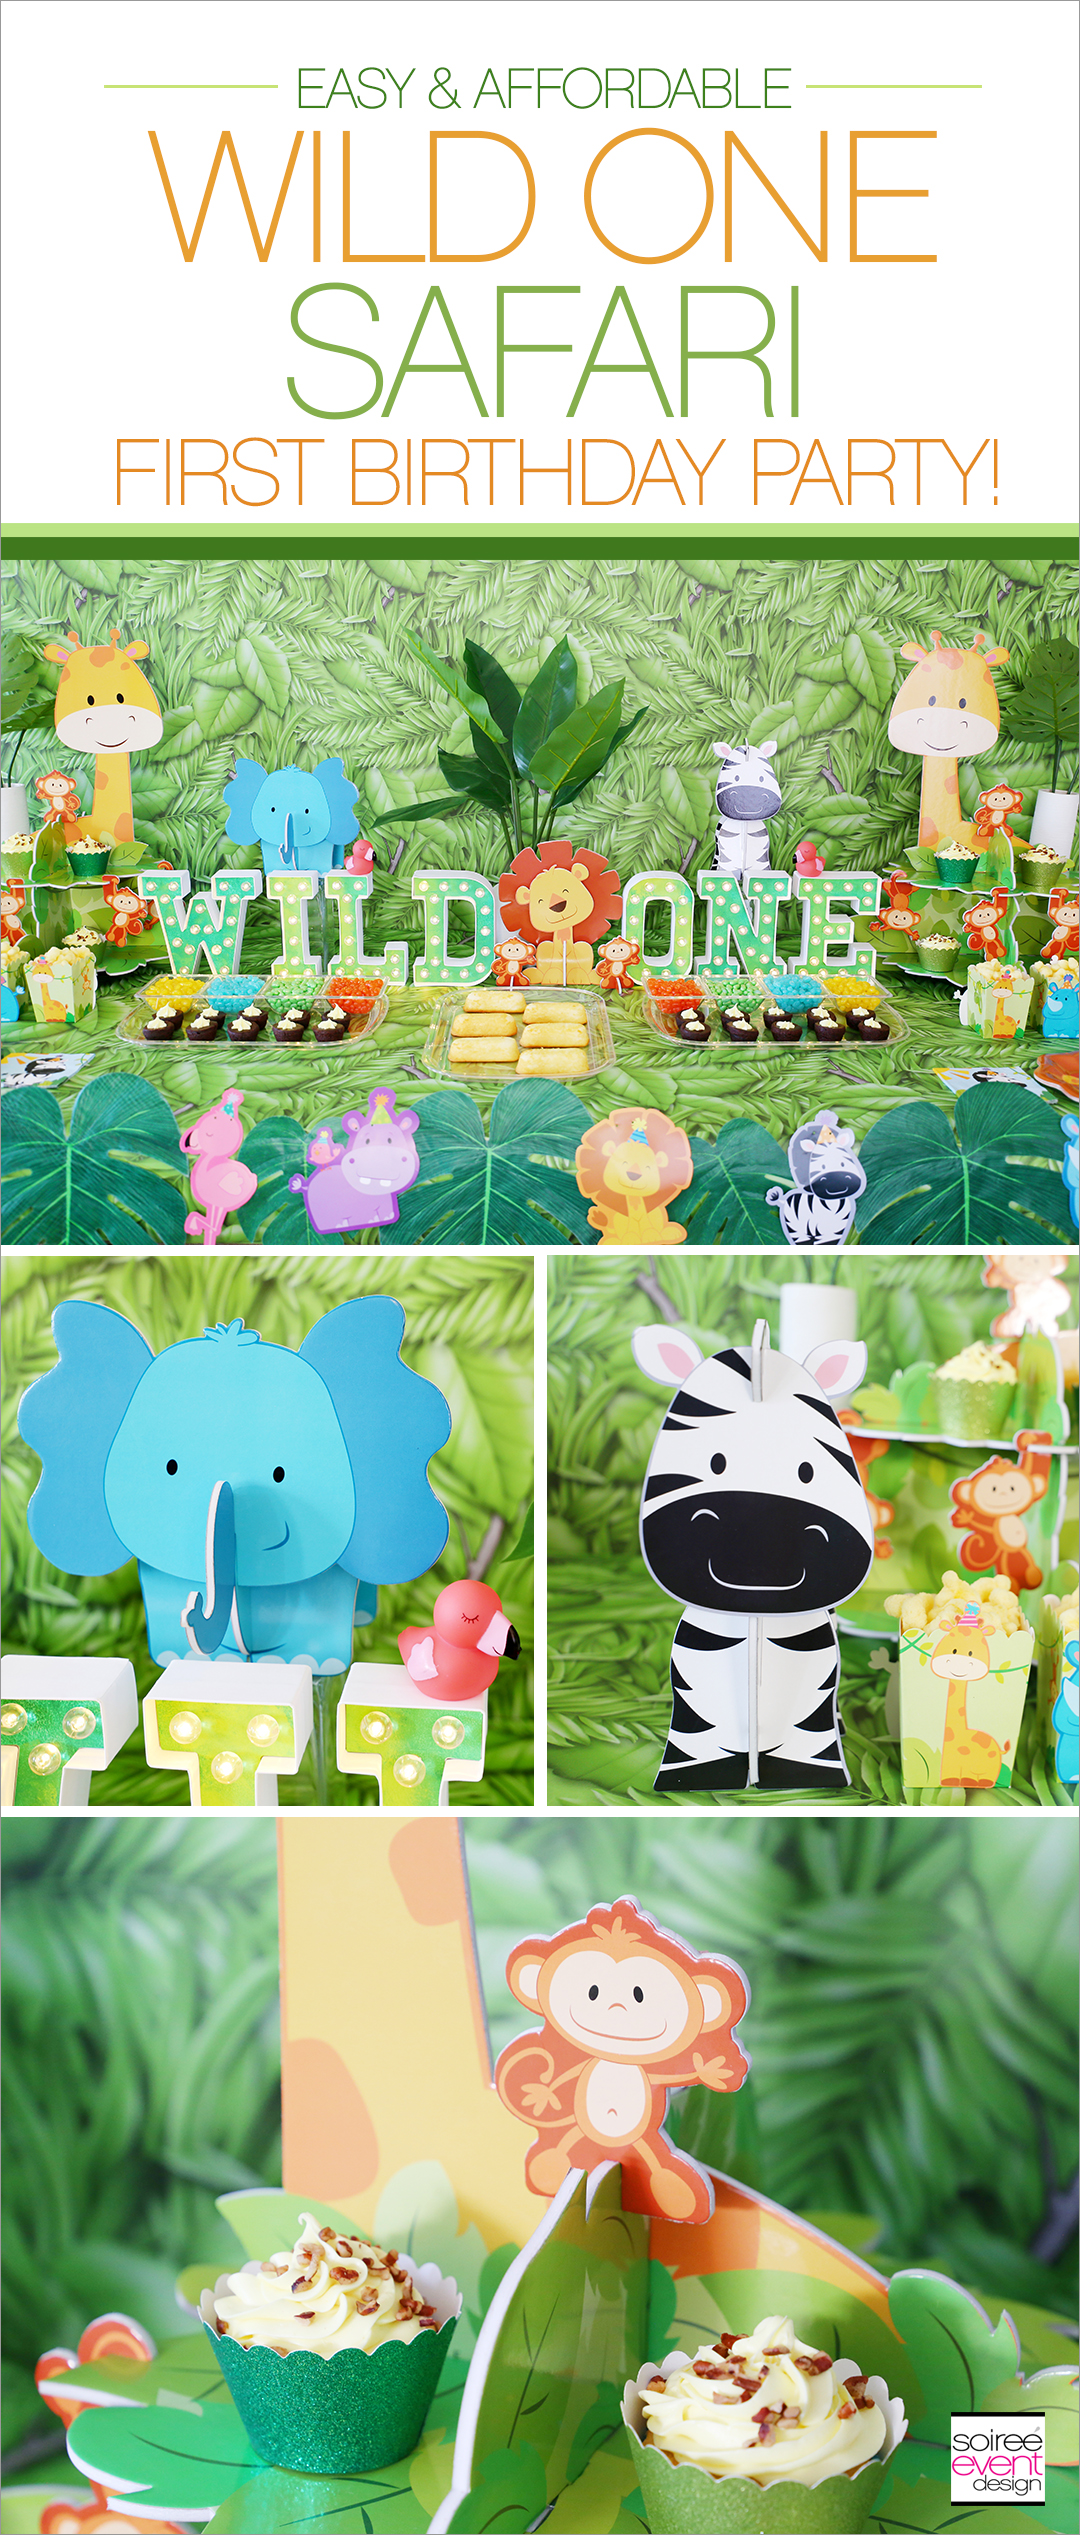 Wild ONE Safari First Birthday Party Ideas - Pin